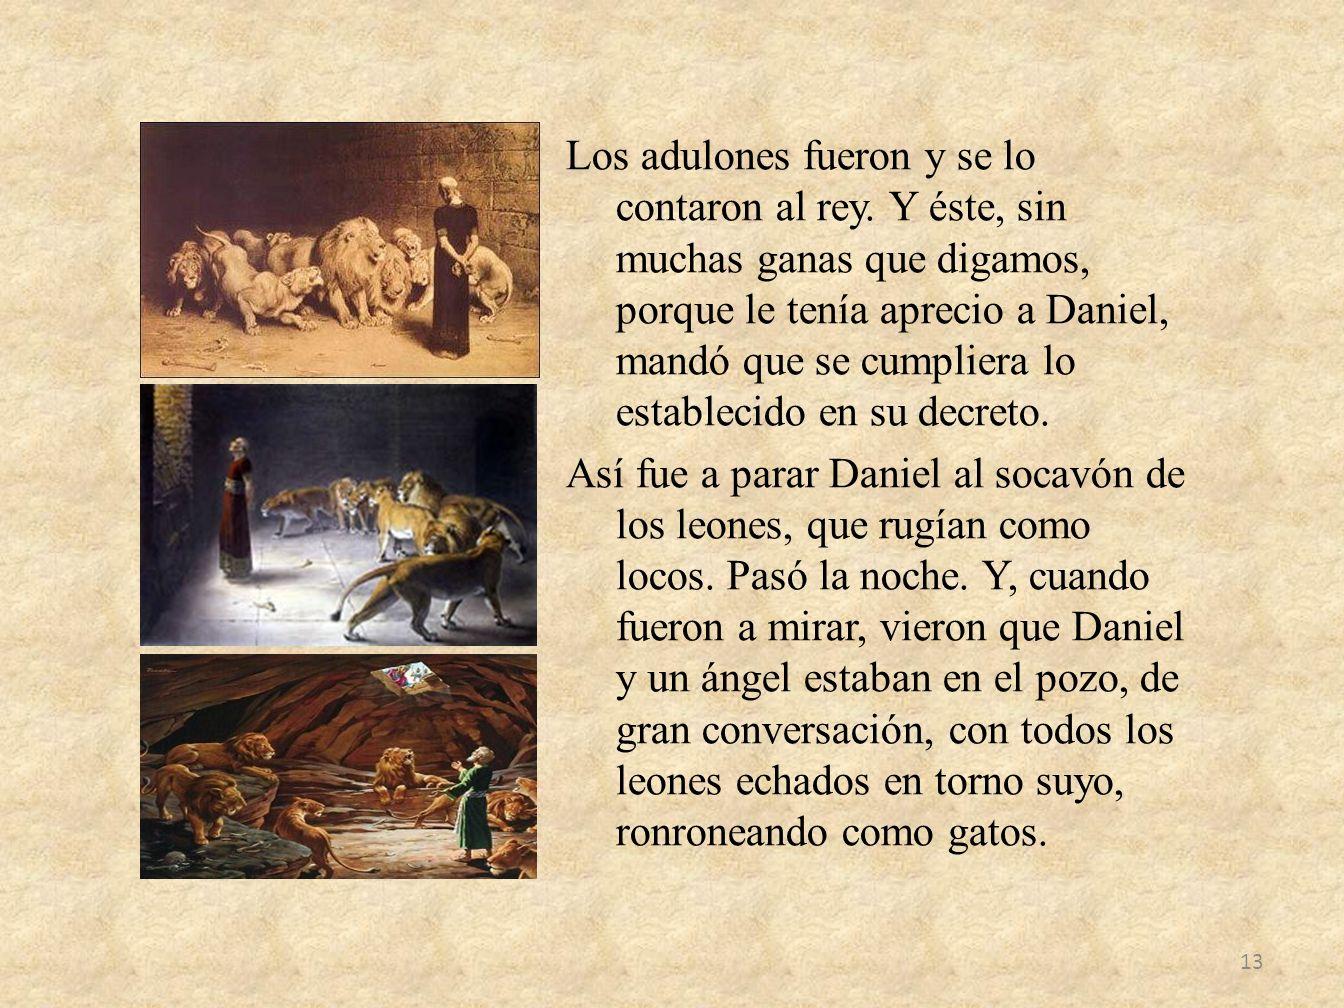 Los adulones fueron y se lo contaron al rey. Y éste, sin muchas ganas que digamos, porque le tenía aprecio a Daniel, mandó que se cumpliera lo estable